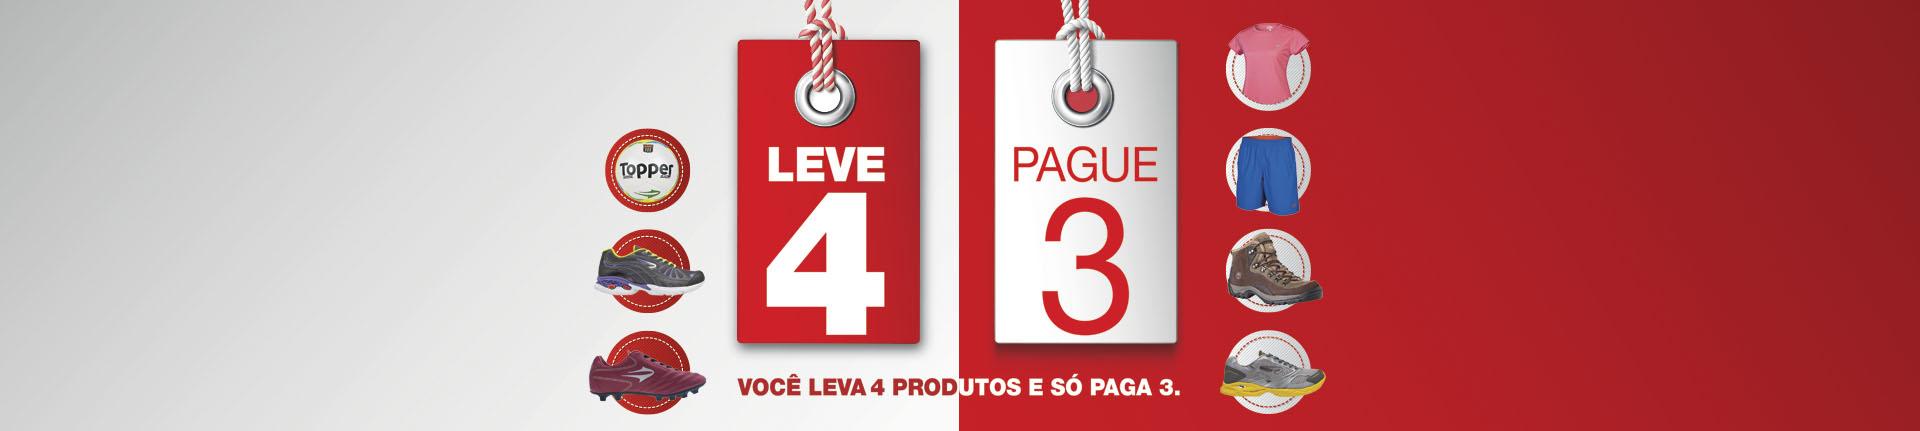 1920X431_leve_pague